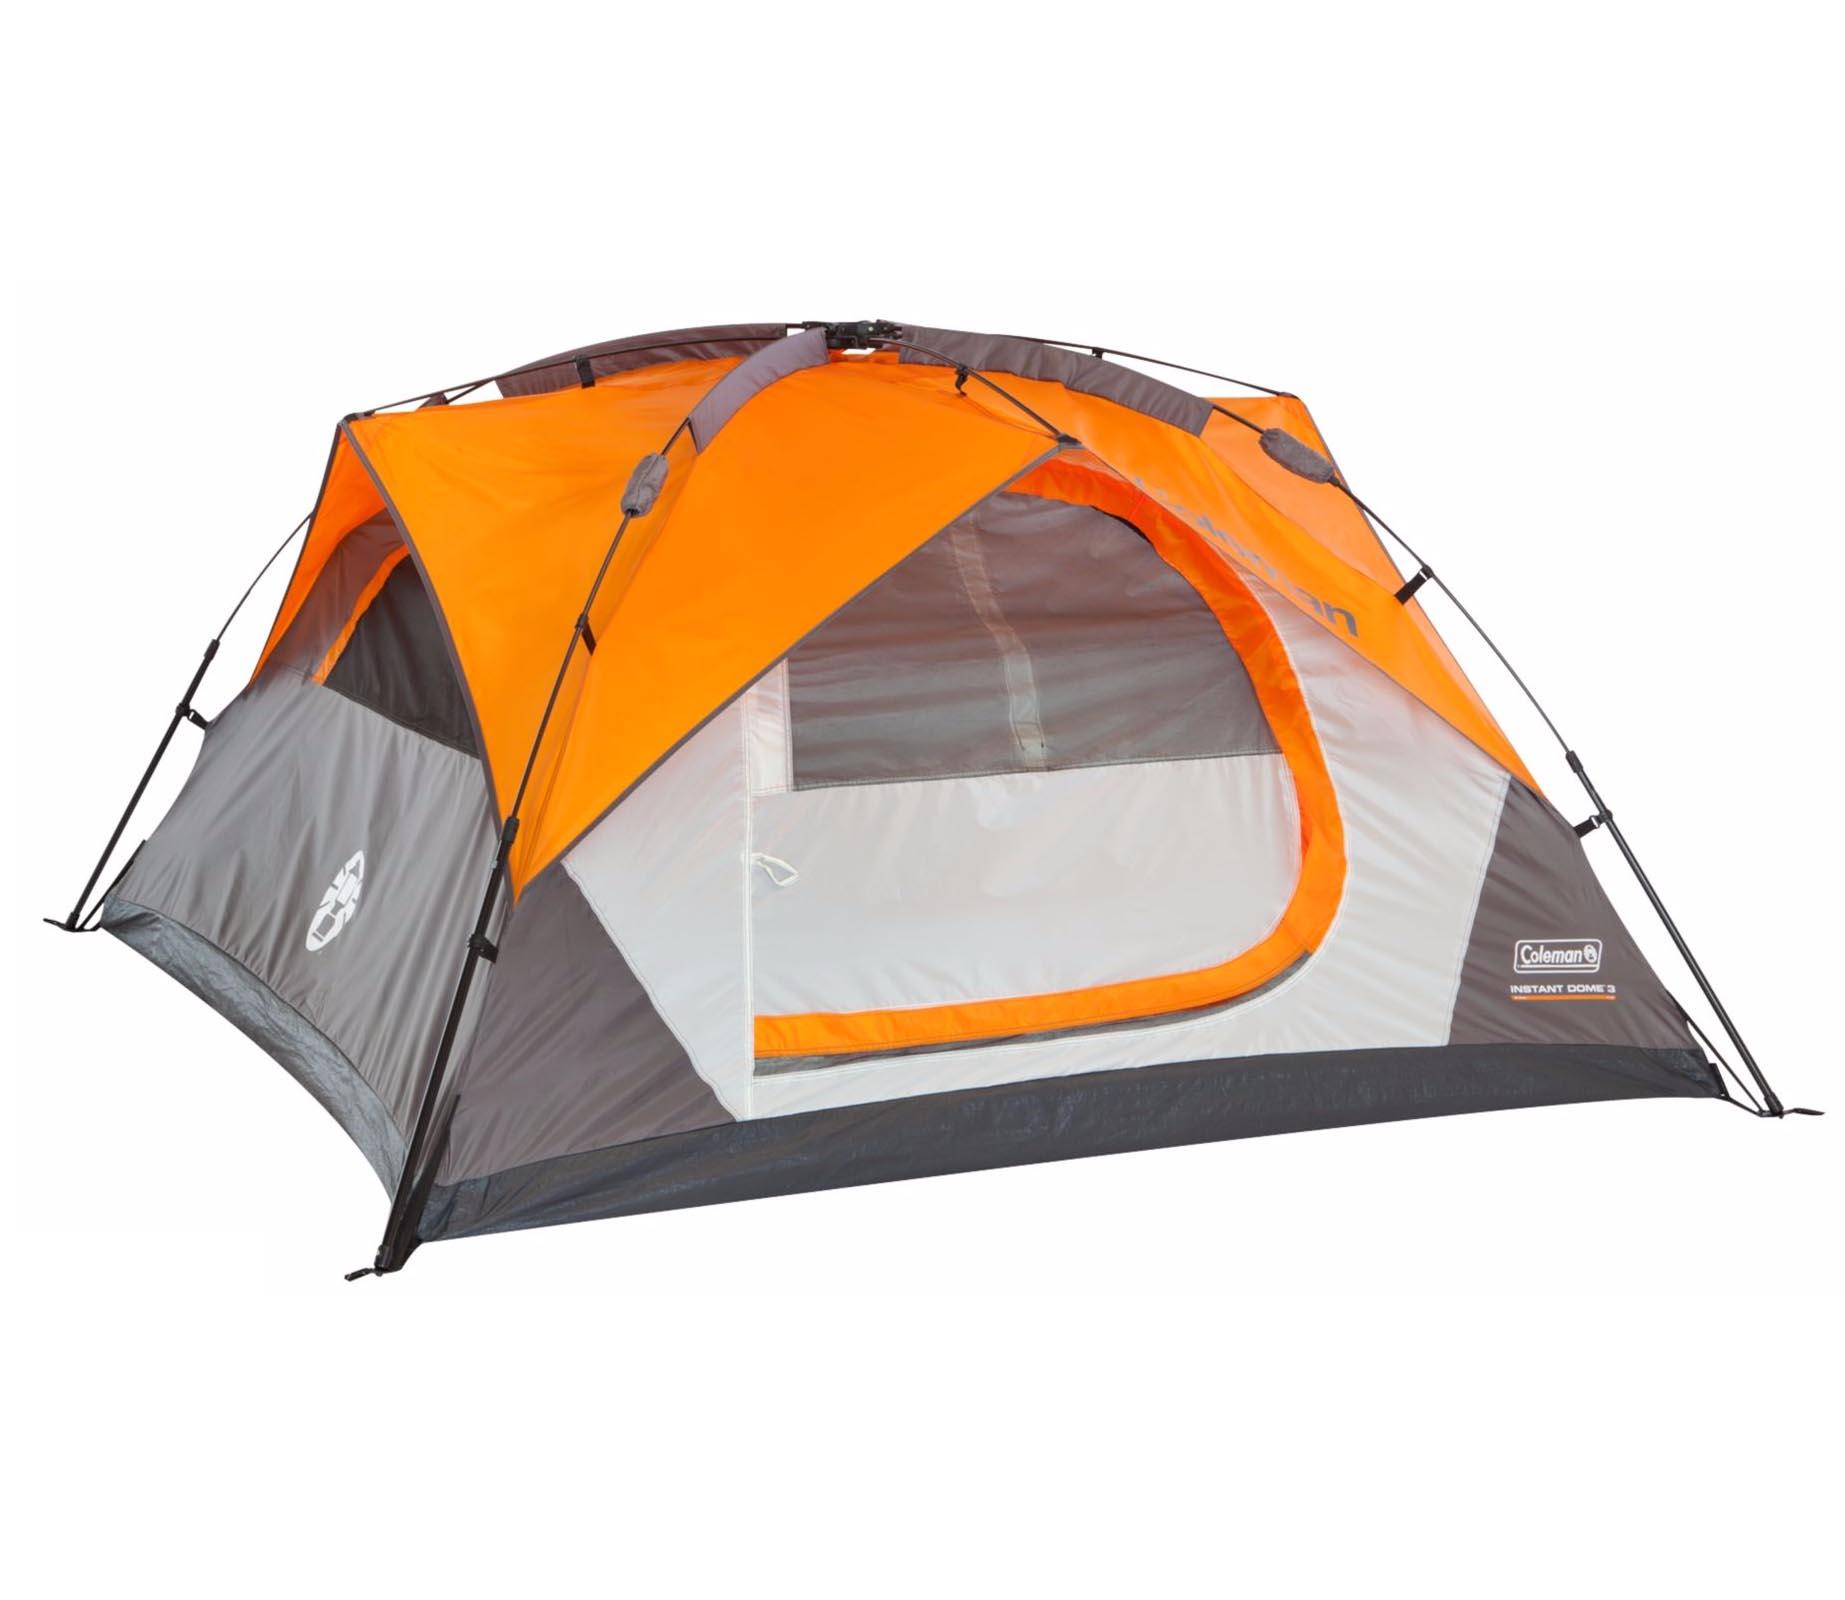 Coleman Signature Tent & Max Cabin Set Video Doovi